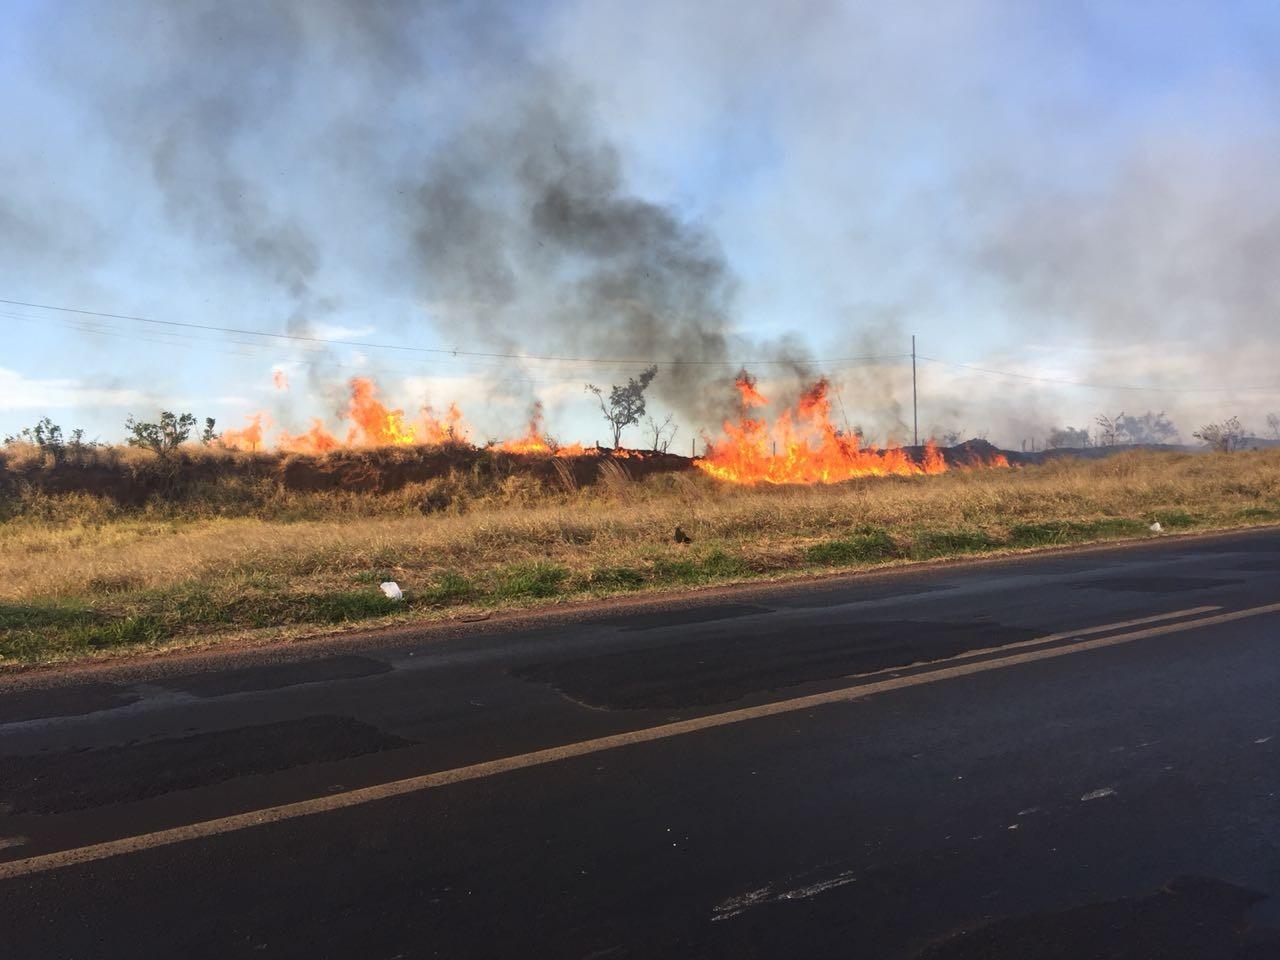 Bombeiros combatem vários focos de incêndio no Distrito Industrial em Uberlândia; veja vídeo